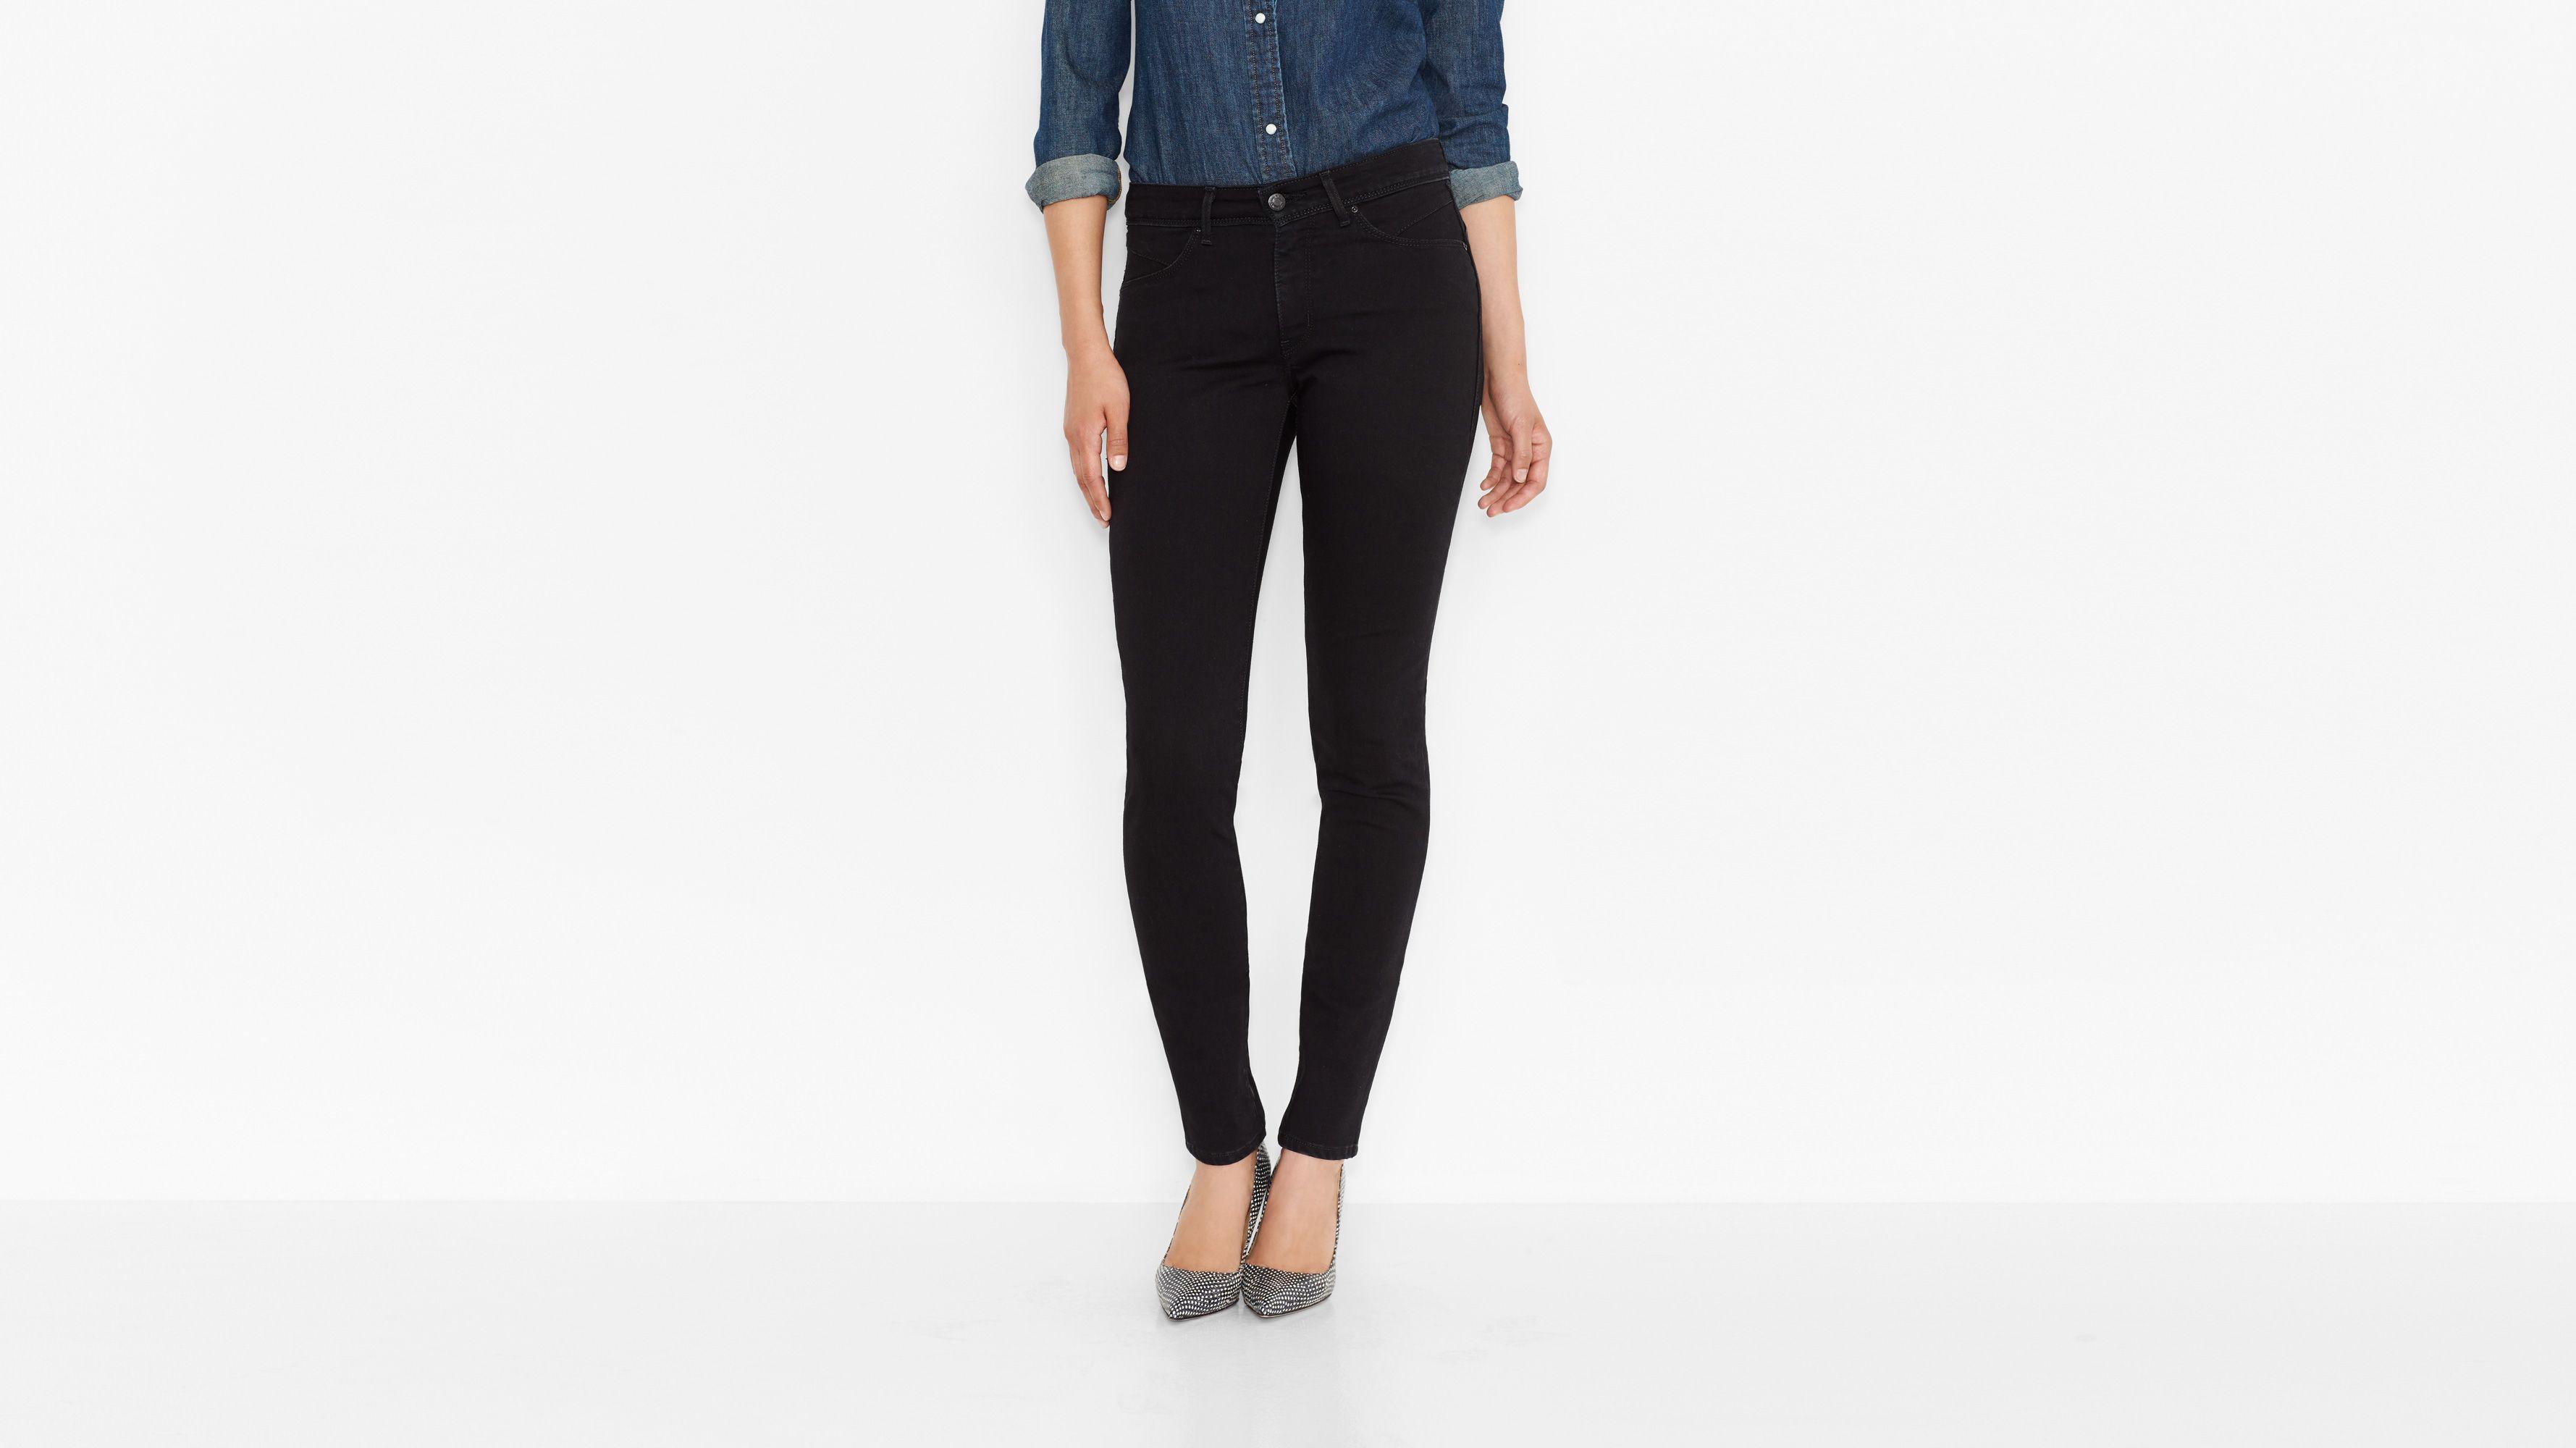 Levi's® Revel™ Demi Curve Skinny Jeans - Black